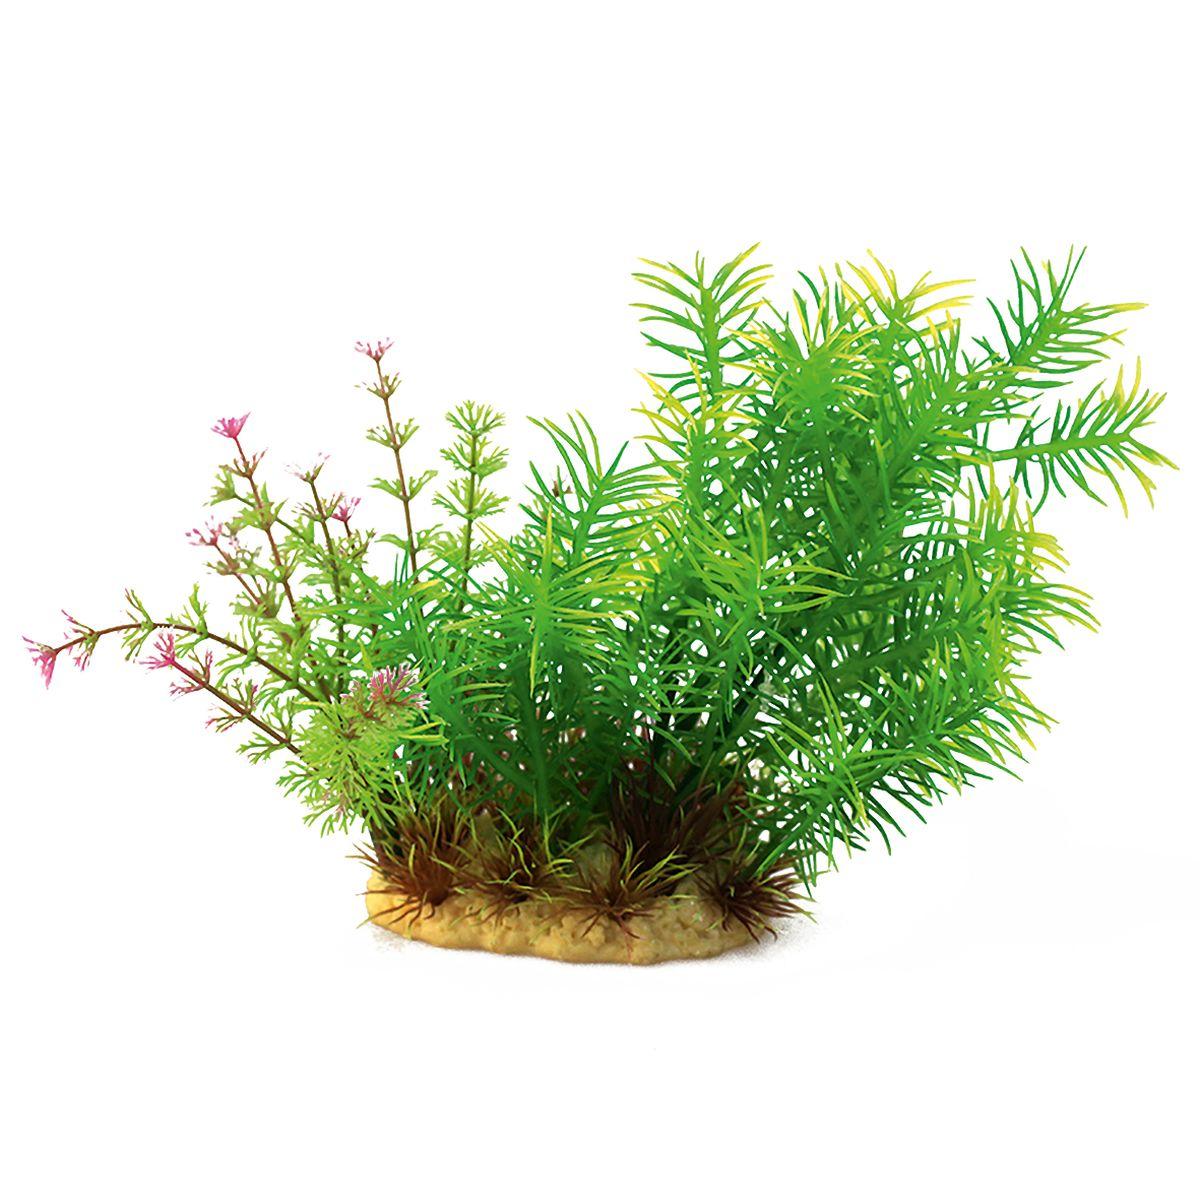 Растение для аквариума ArtUniq Погостемон Эректус, высота 15 смART-1140104Растение для аквариума ArtUniq Погостемон Эректус, высота 15 см